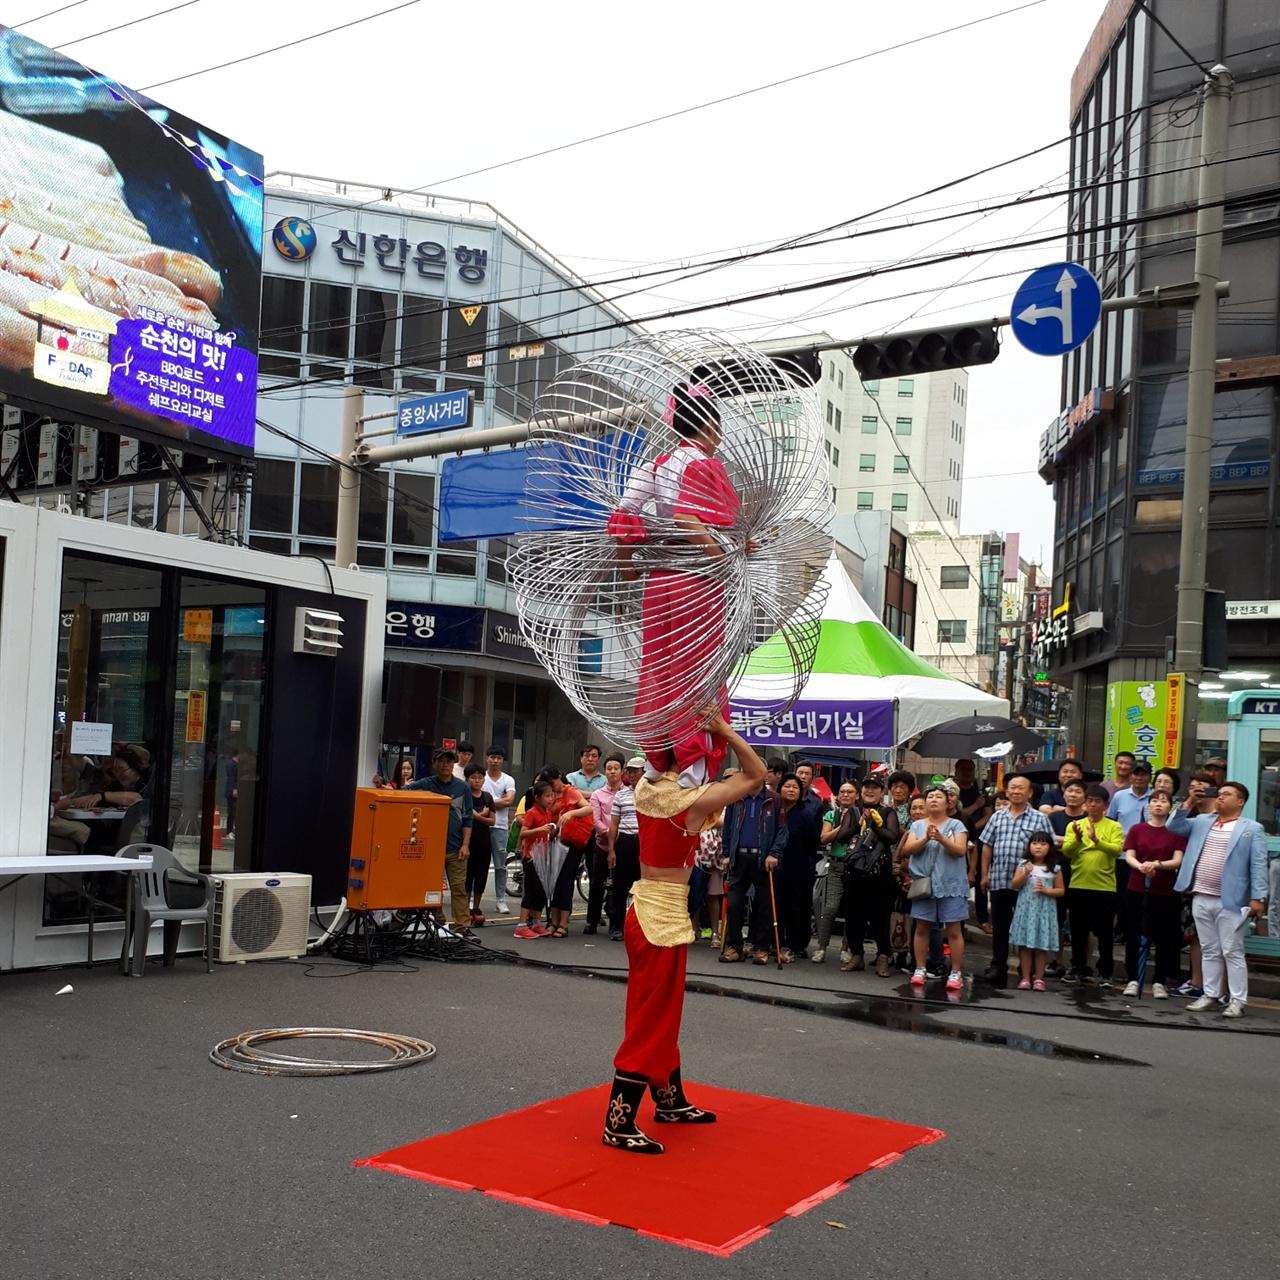 아크로스 공연 순천푸드아트페스티벌에서 마련된 공연으로, 중국 아크로스 남녀 한 쌍이  훌라후프 기예를 선보이고 있다. 그 옆에 있는 흰색 건물이 방문객 쉼터로 마련된 G테이너이다.